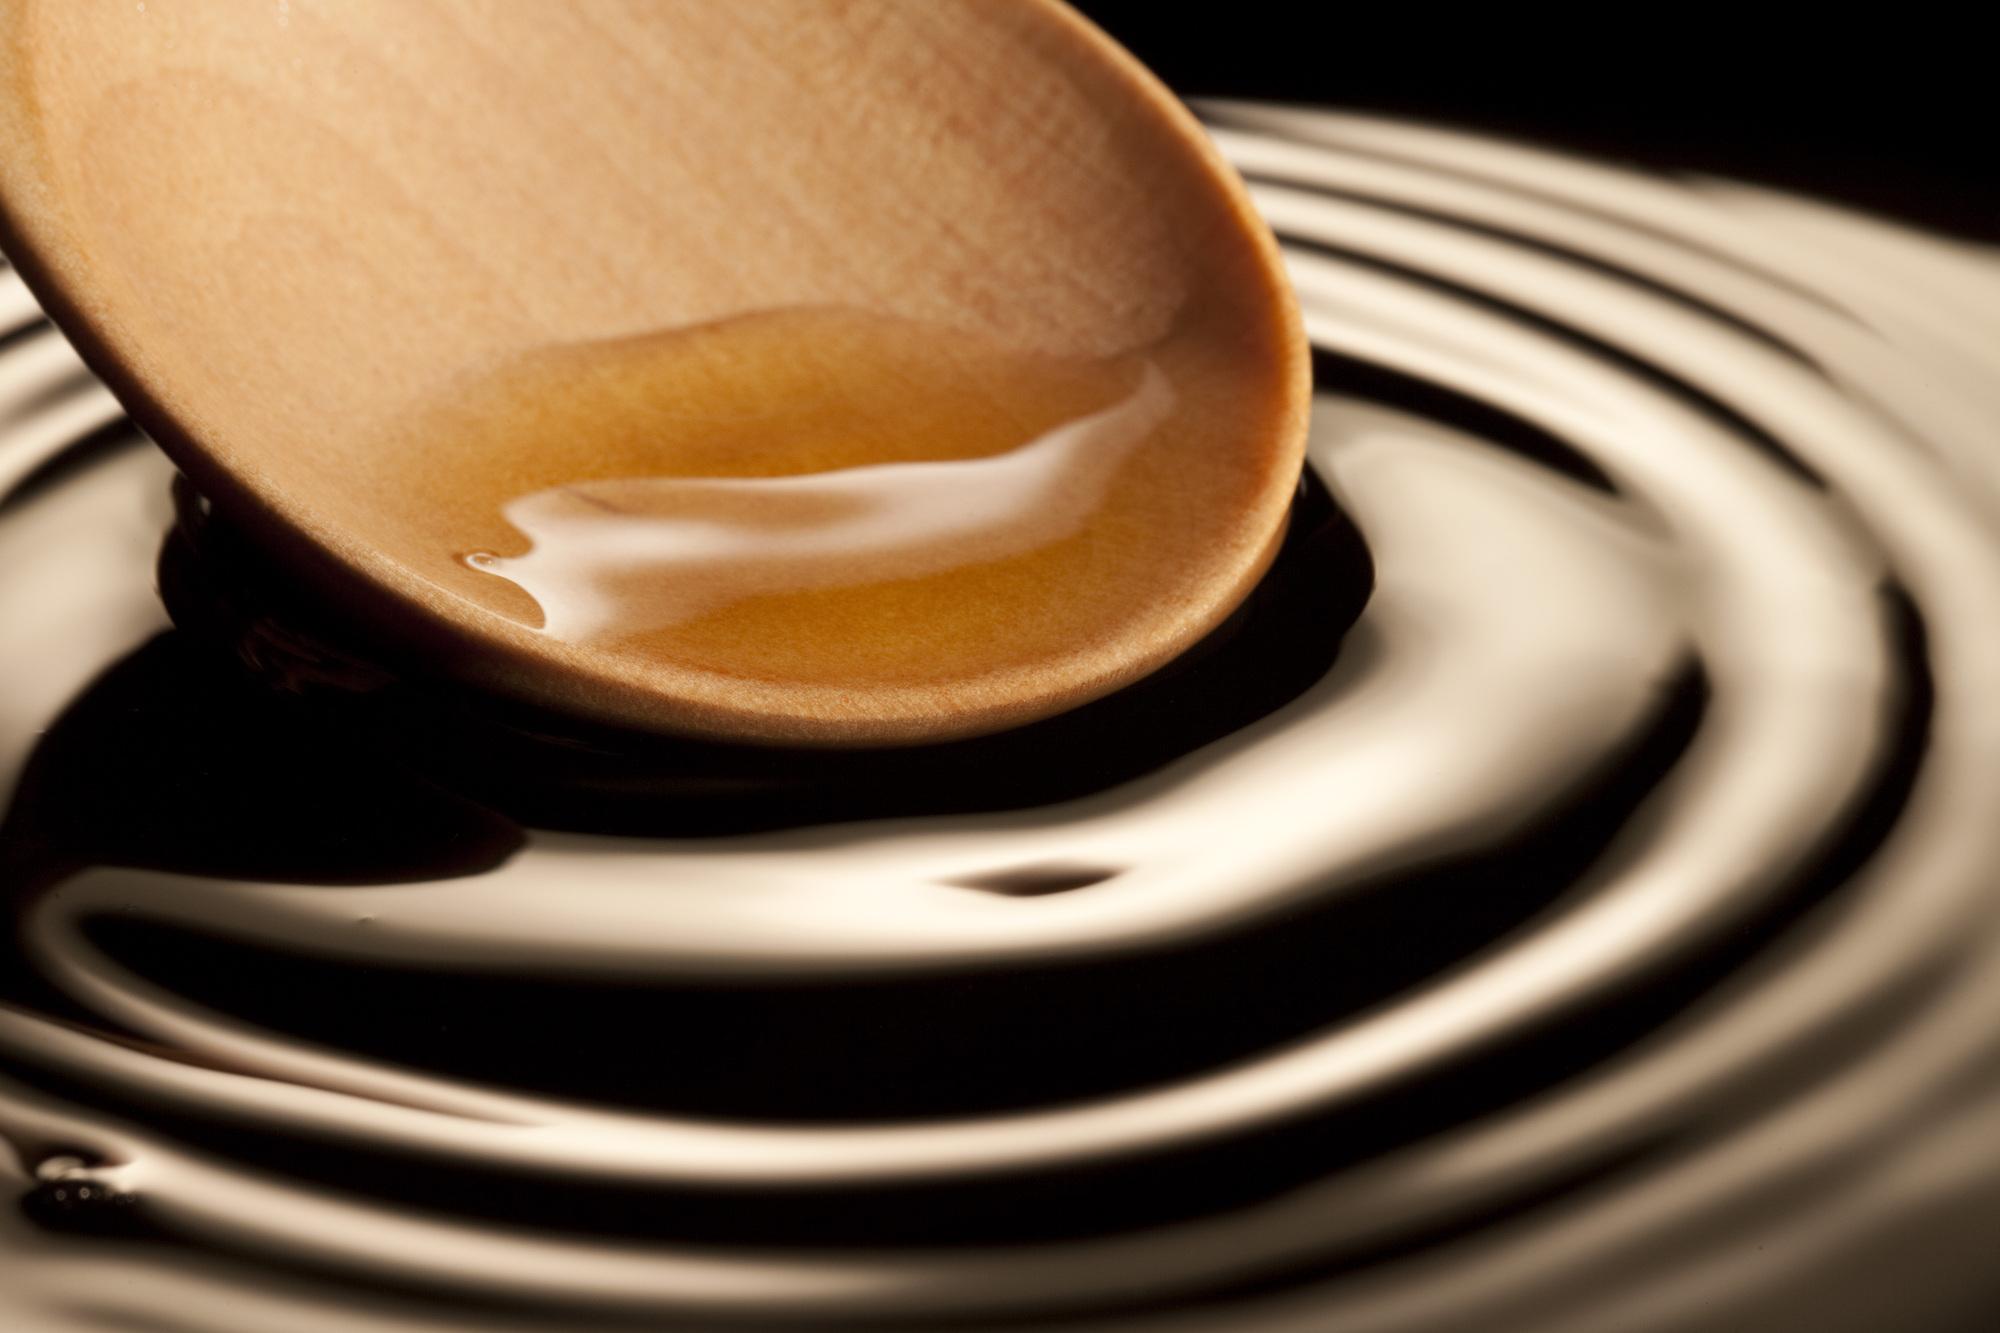 効果がでない?!成功する黒酢ダイエットのポイントを伝授します!のサムネイル画像